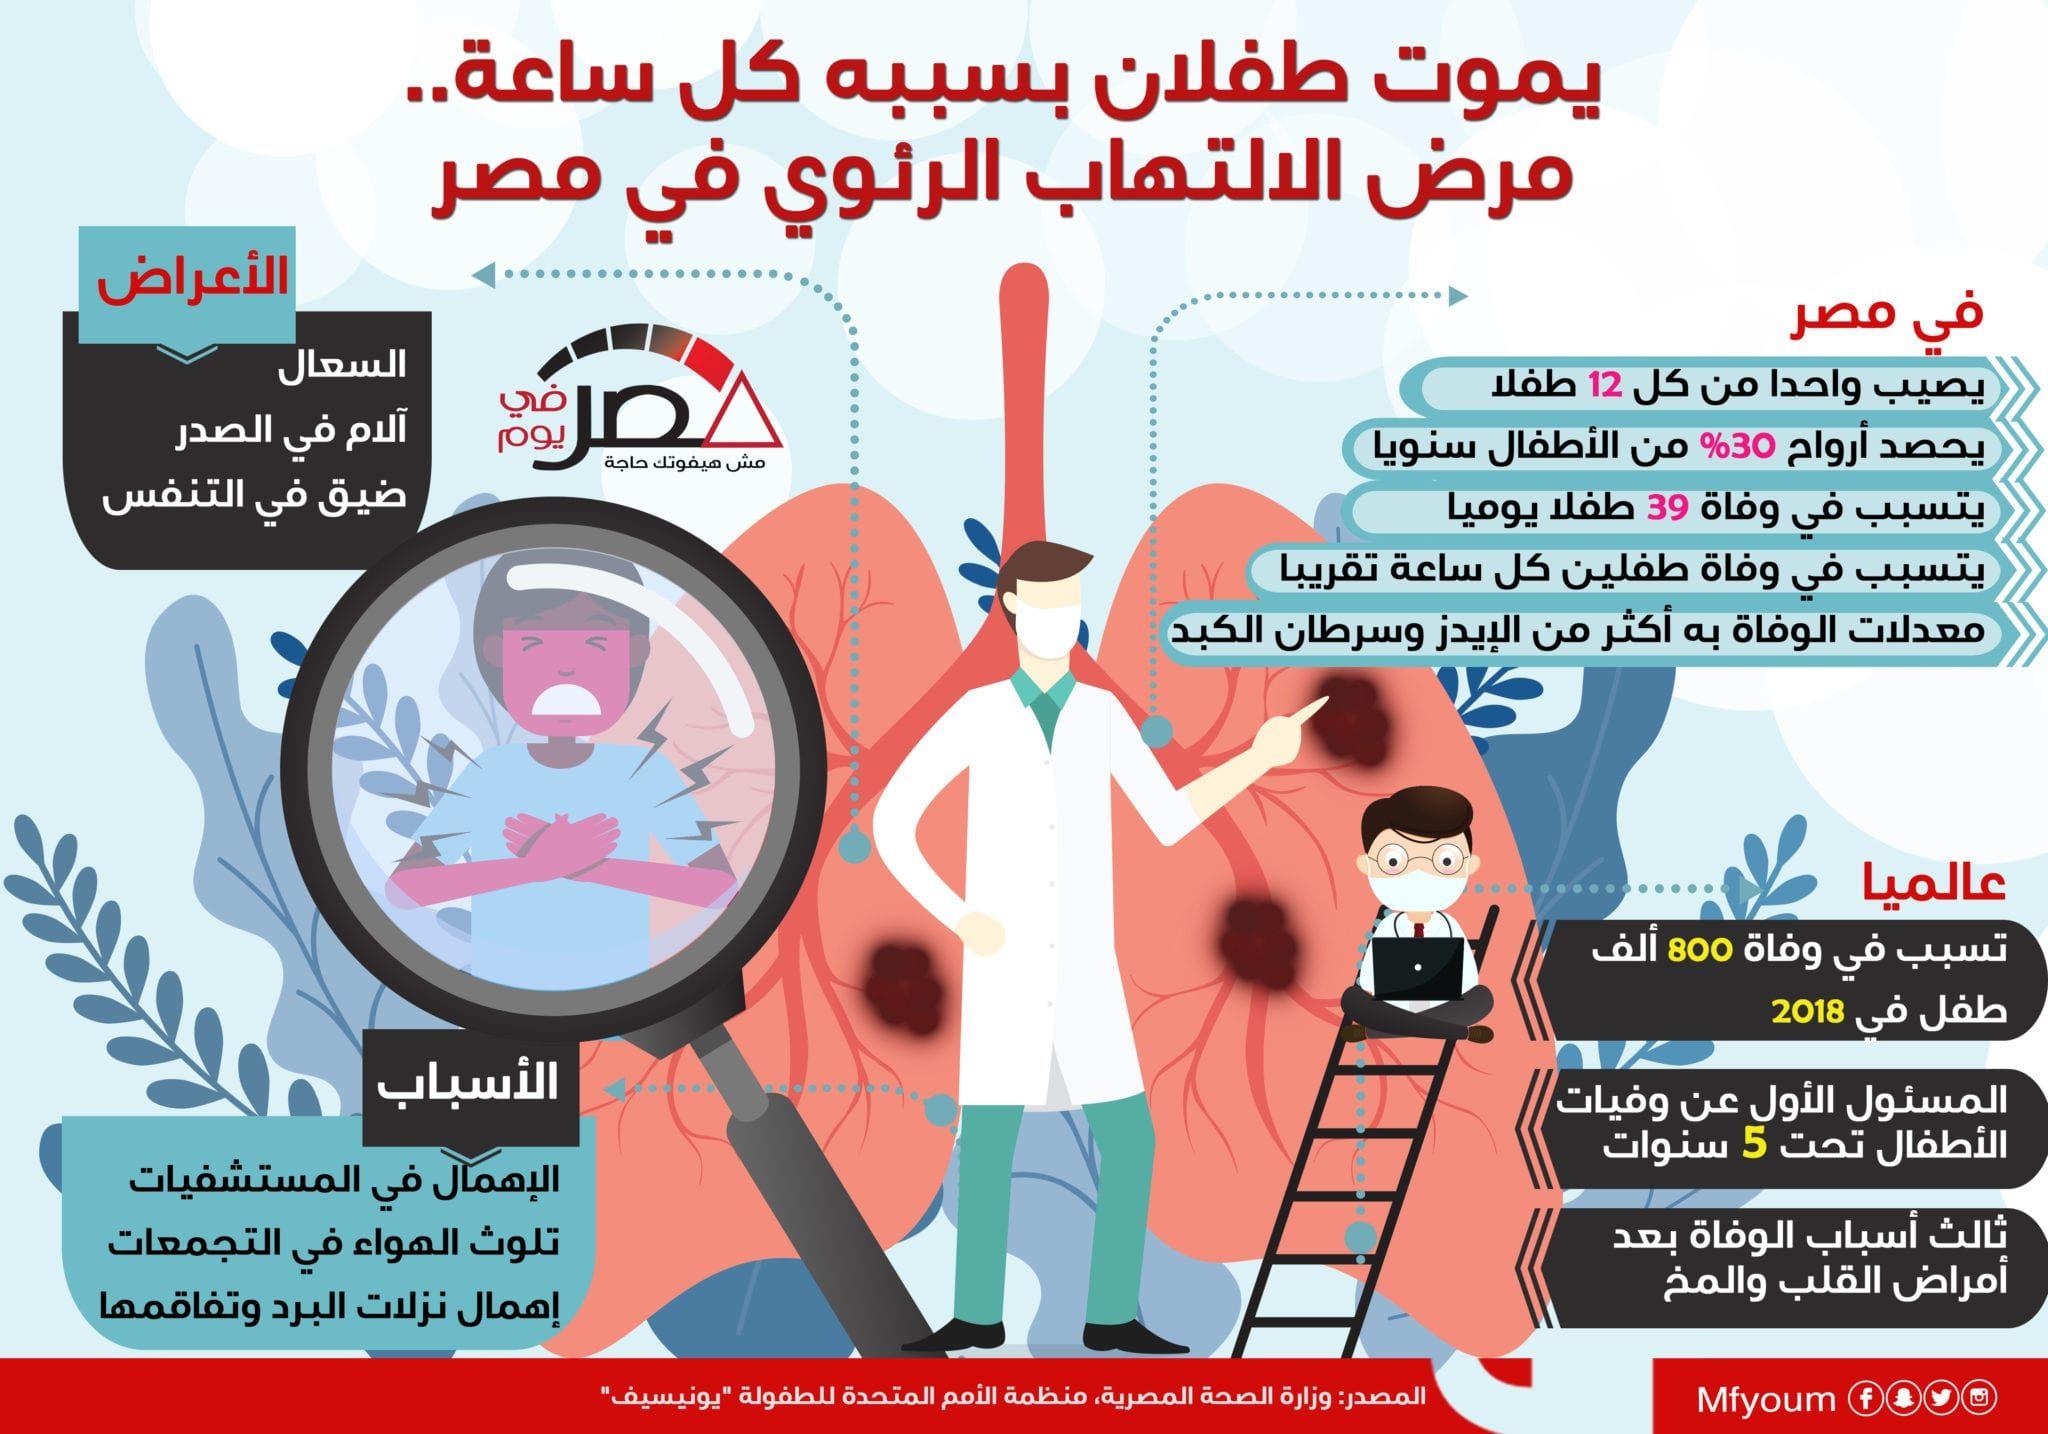 يموت طفلان بسببه كل ساعة.. مرض الالتهاب الرئوي في مصر (إنفوجراف)